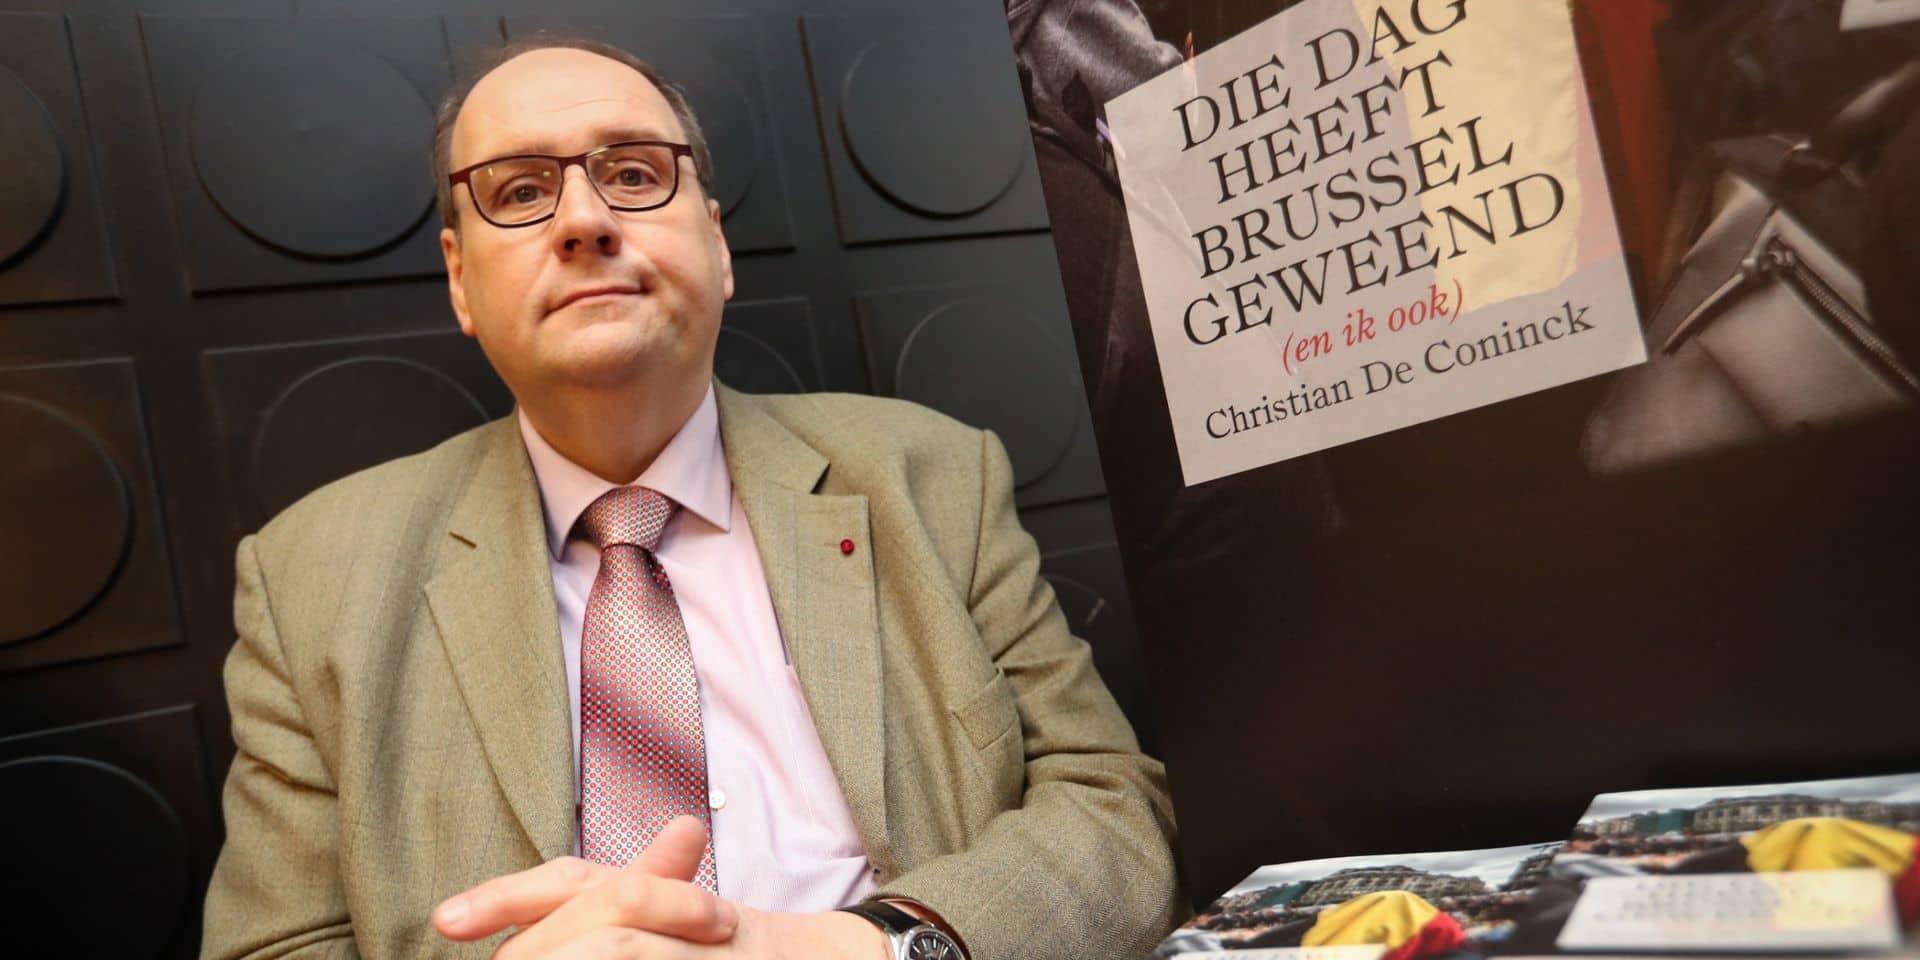 """Un porte-parole de la police revient sur les attentats de Bruxelles dans un livre: """"Je souffre de stress post-traumatique mais je n'ai pas voulu l'accepter tout de suite"""""""